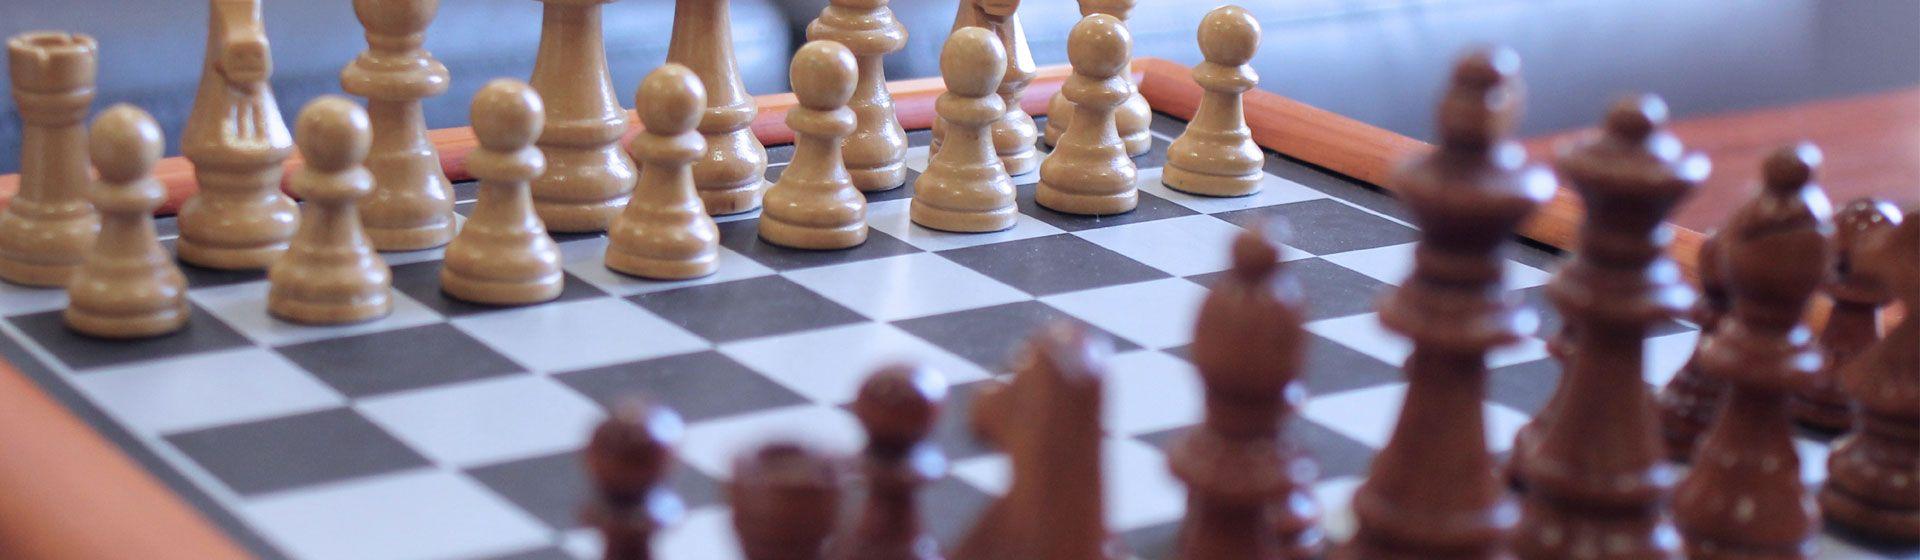 Melhores tabuleiros de xadrez para comprar